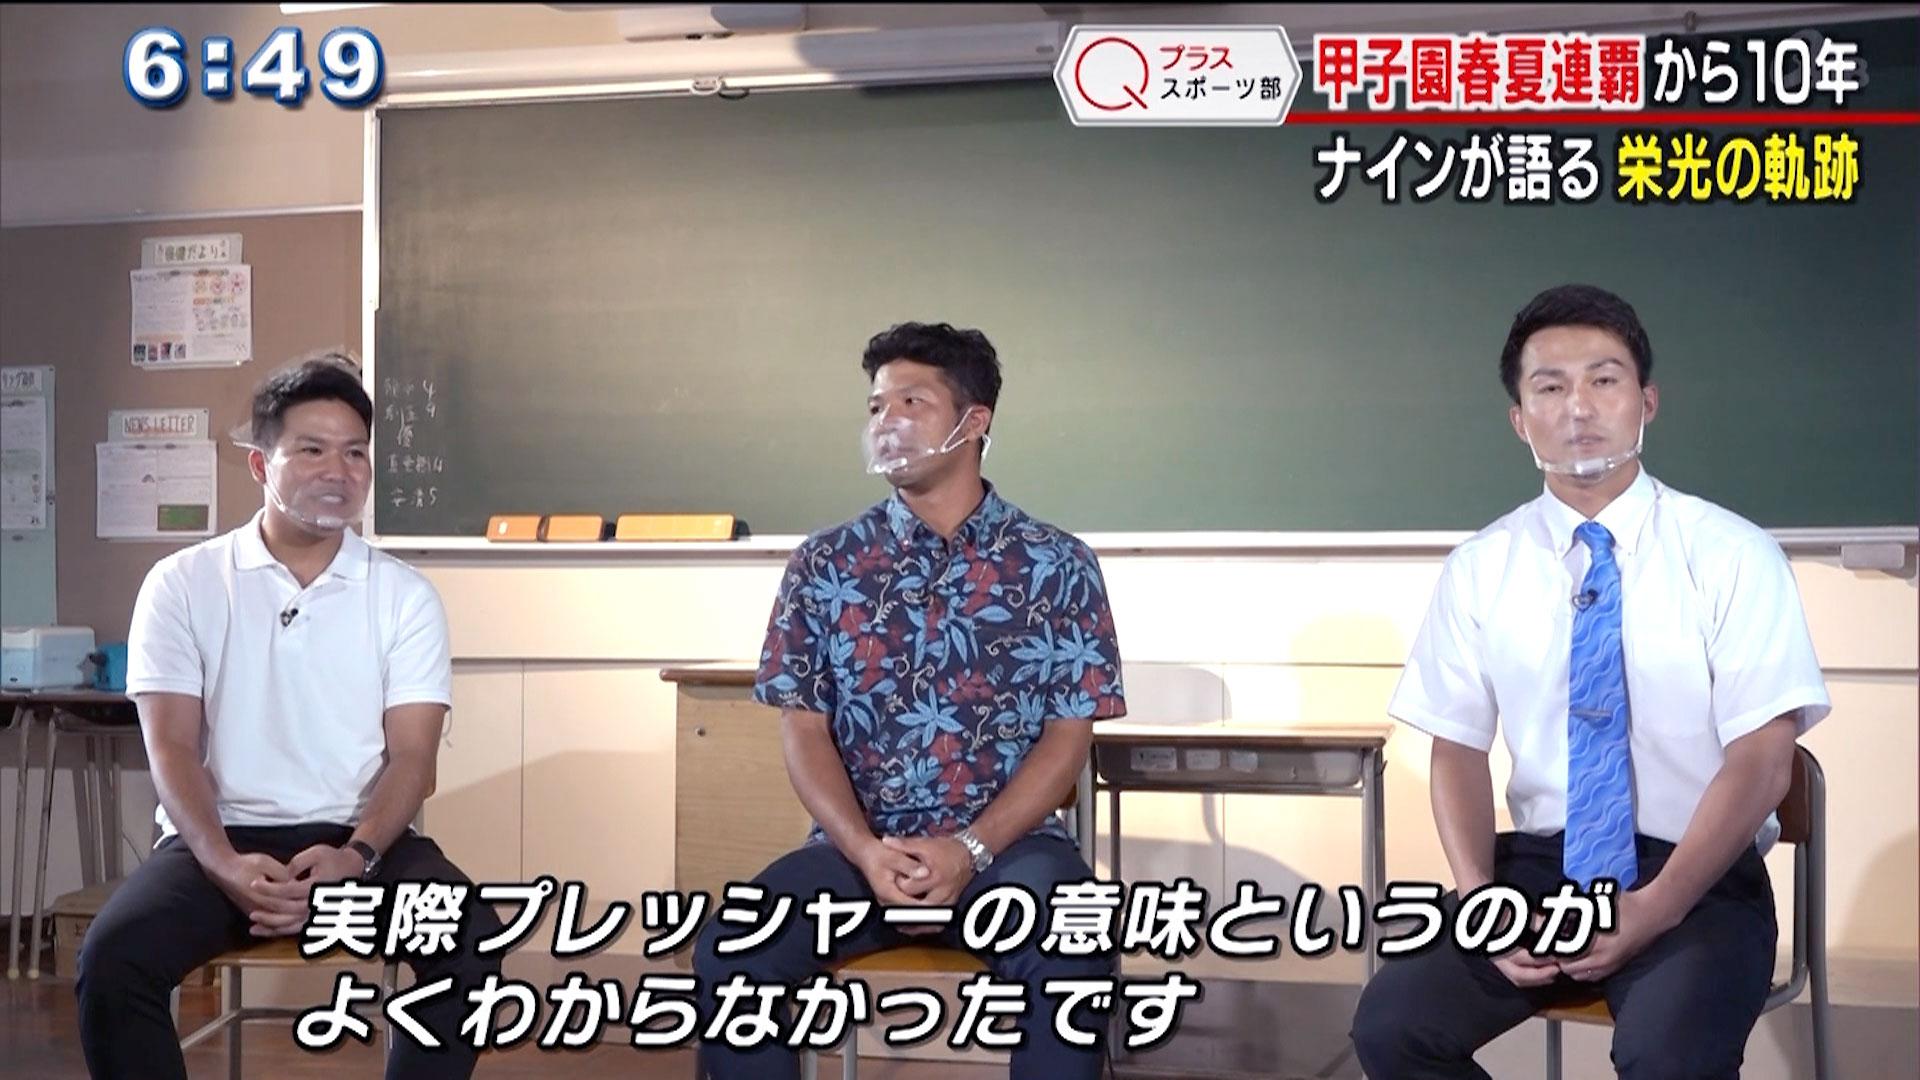 甲子園春夏連覇から10年